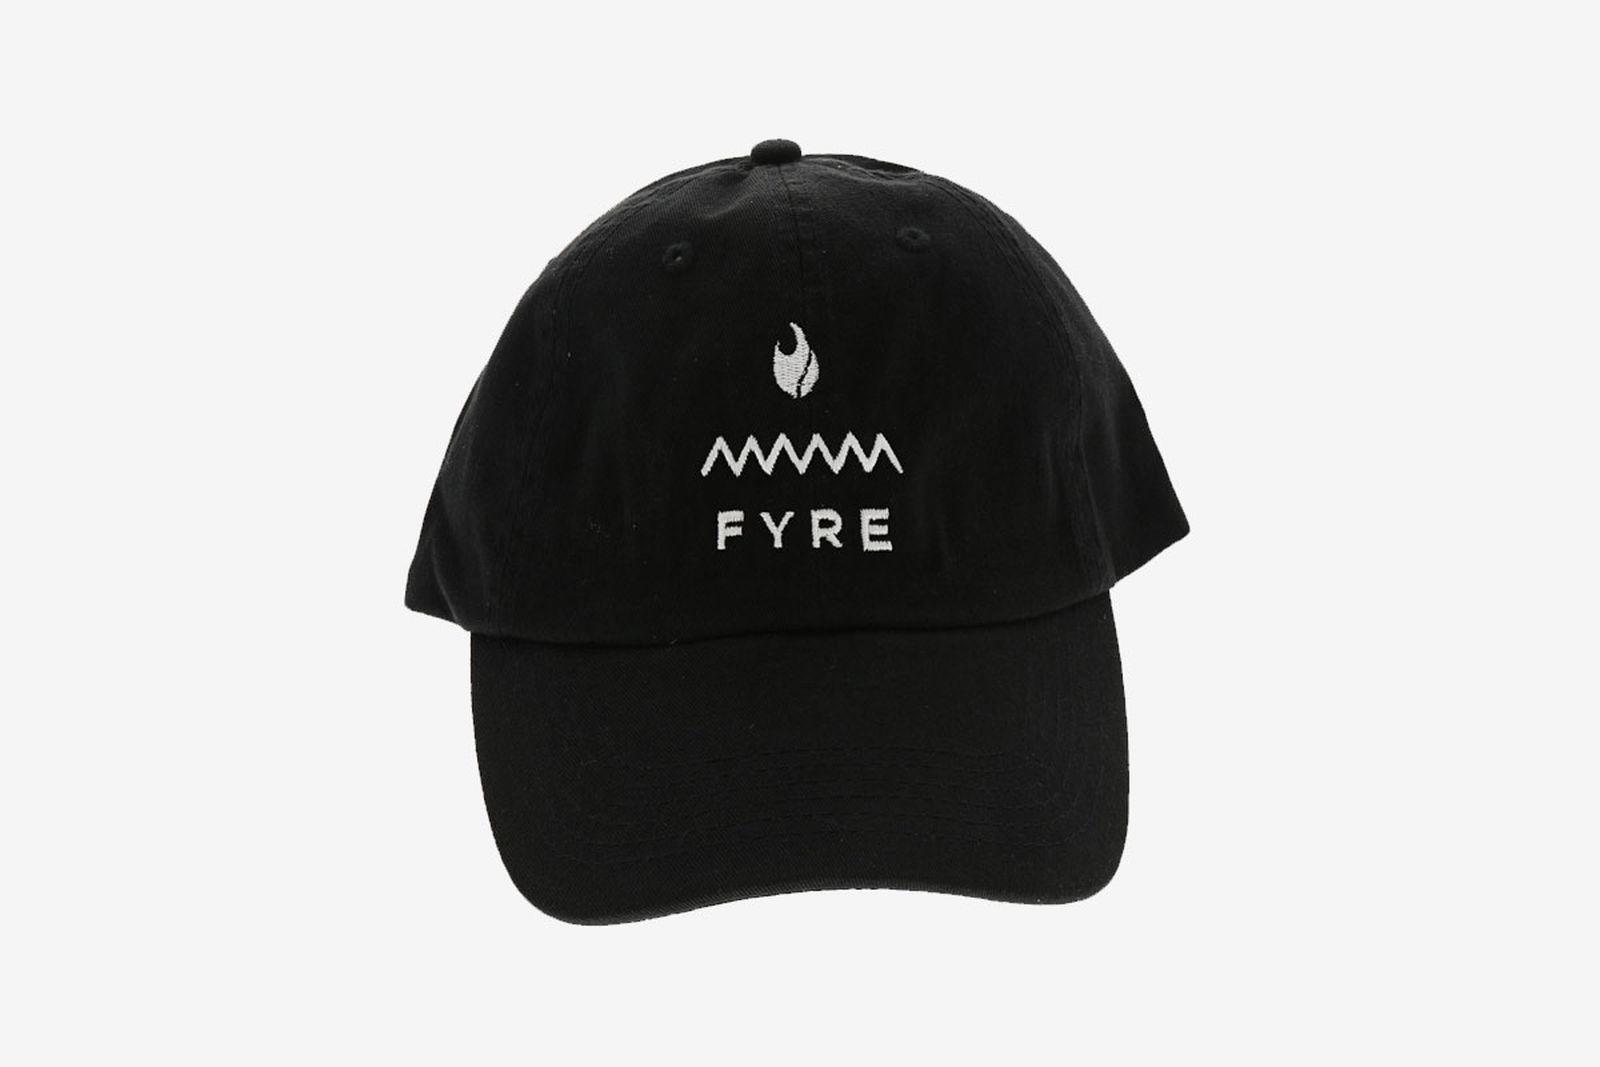 Fyre Fest Merch auction